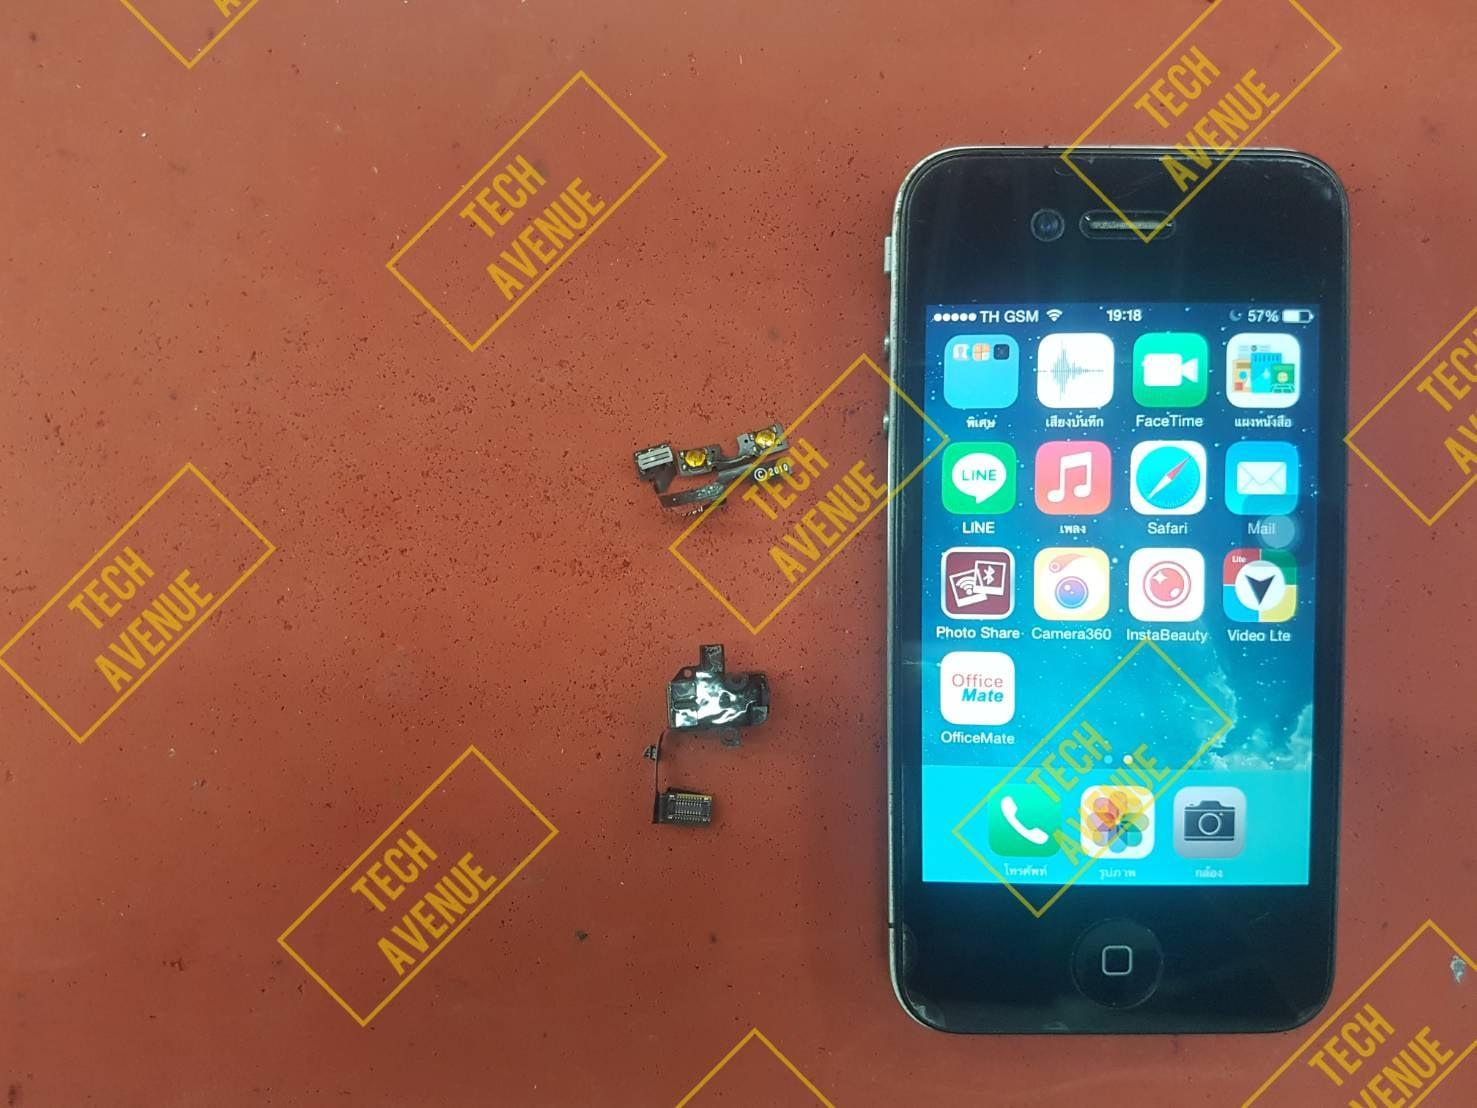 ไอโฟน(iPhone) wifi เสีย หาร้านซ่อมที่ไหนดี มีรับประกันหลังการซ่อม